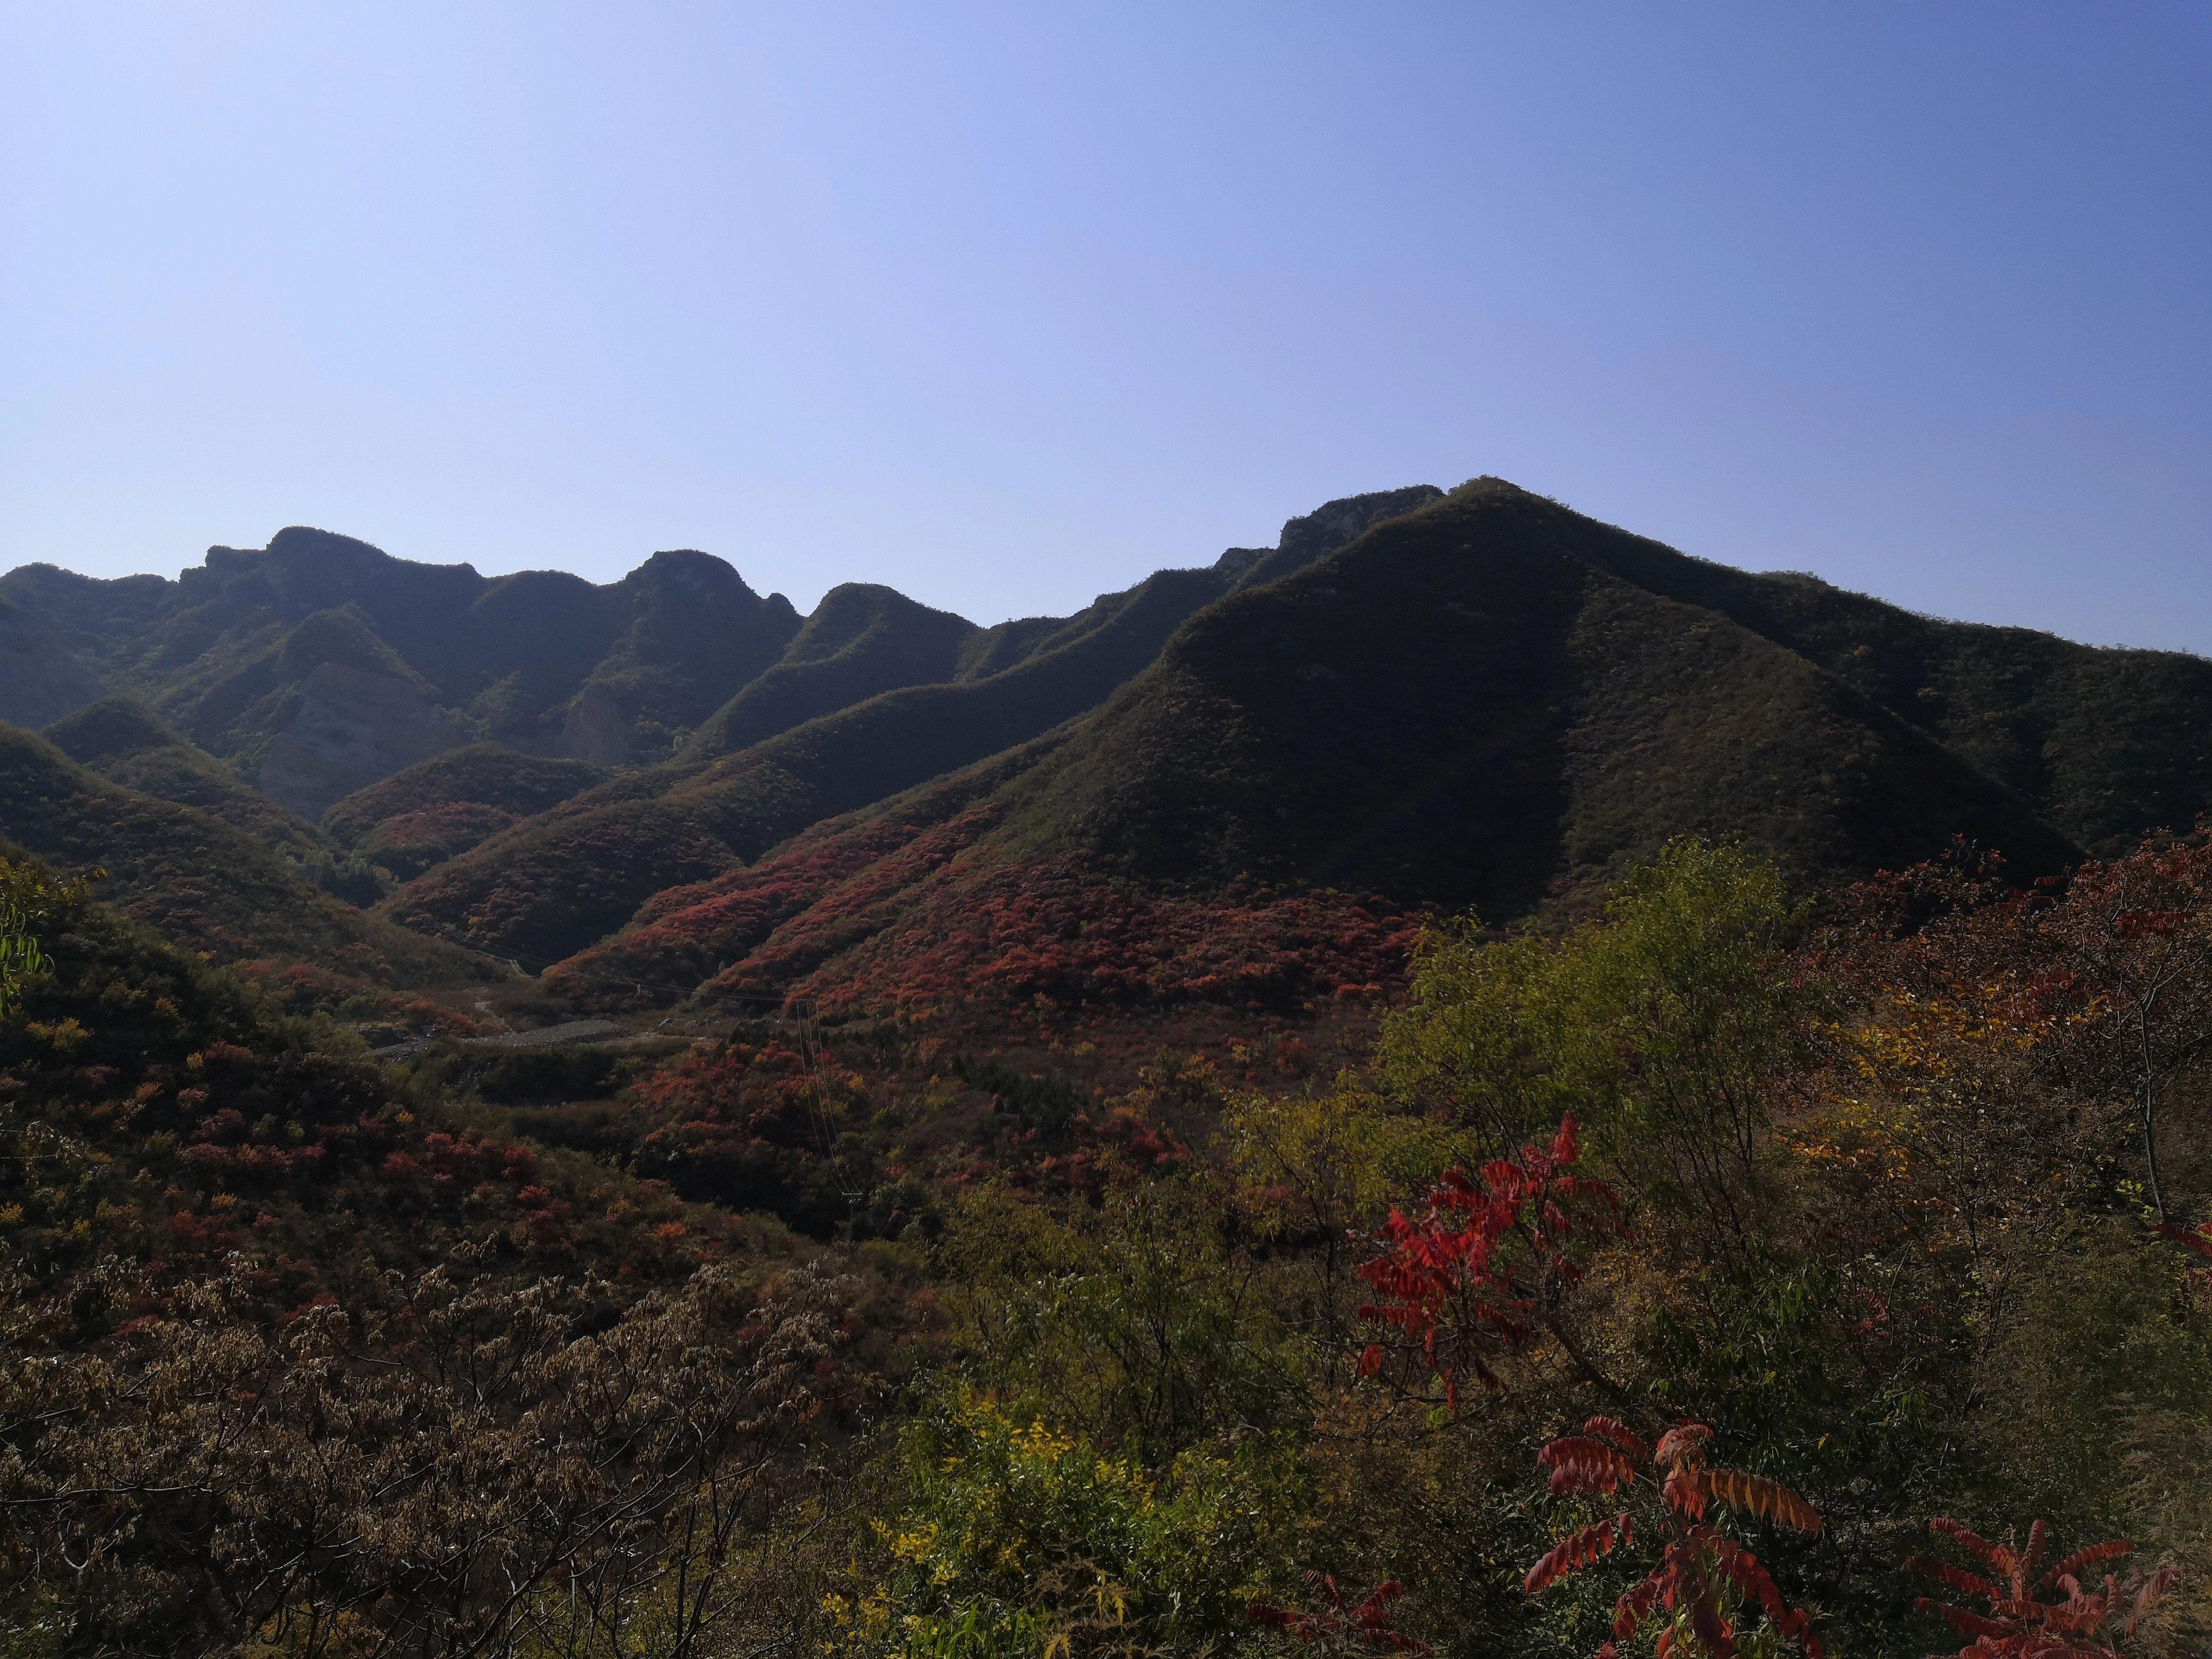 漫山遍野的红叶